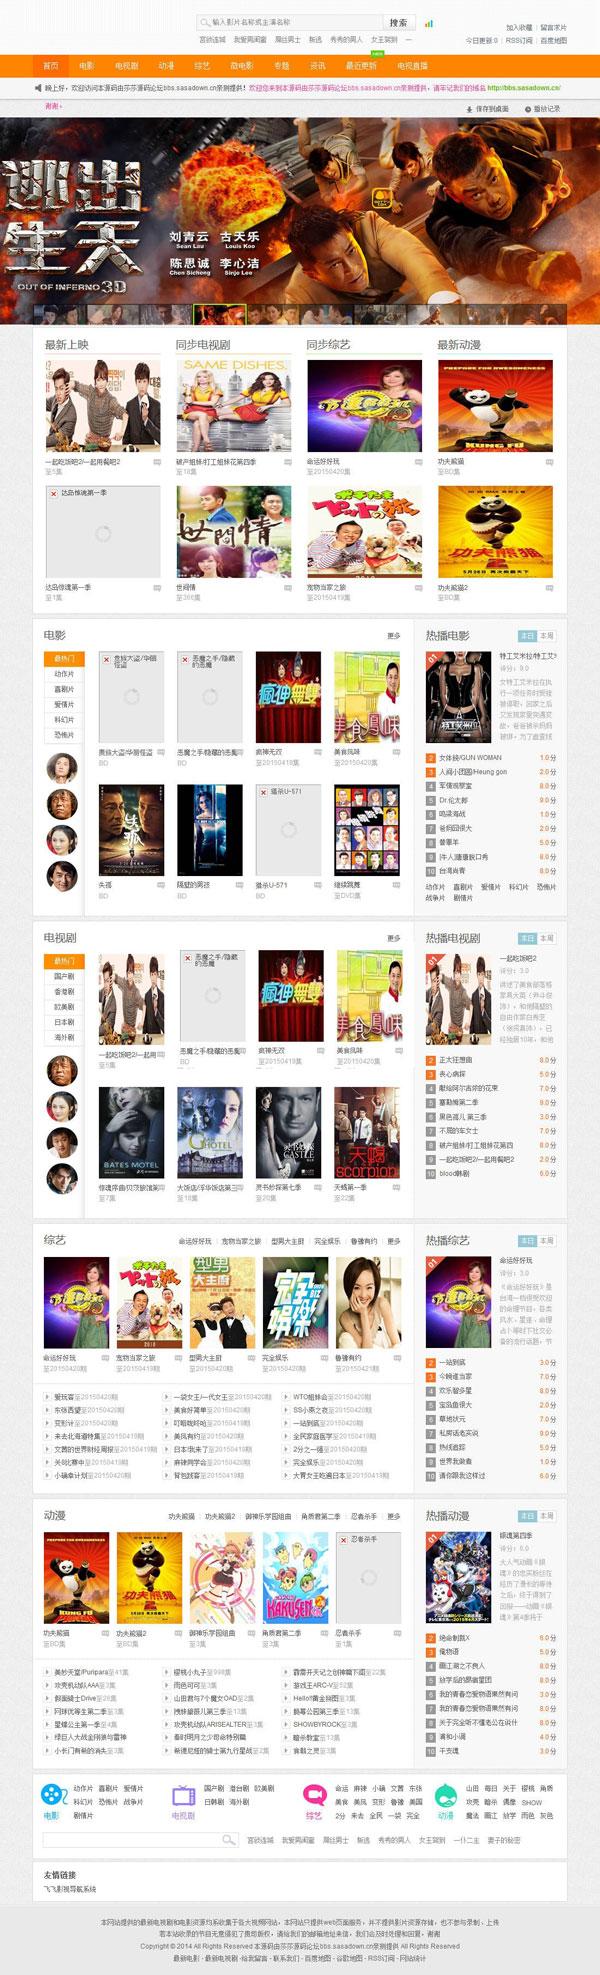 飞飞2.9电影模板 PHP电影网站程序源码下载 自动采集+多条件检索+生成静态